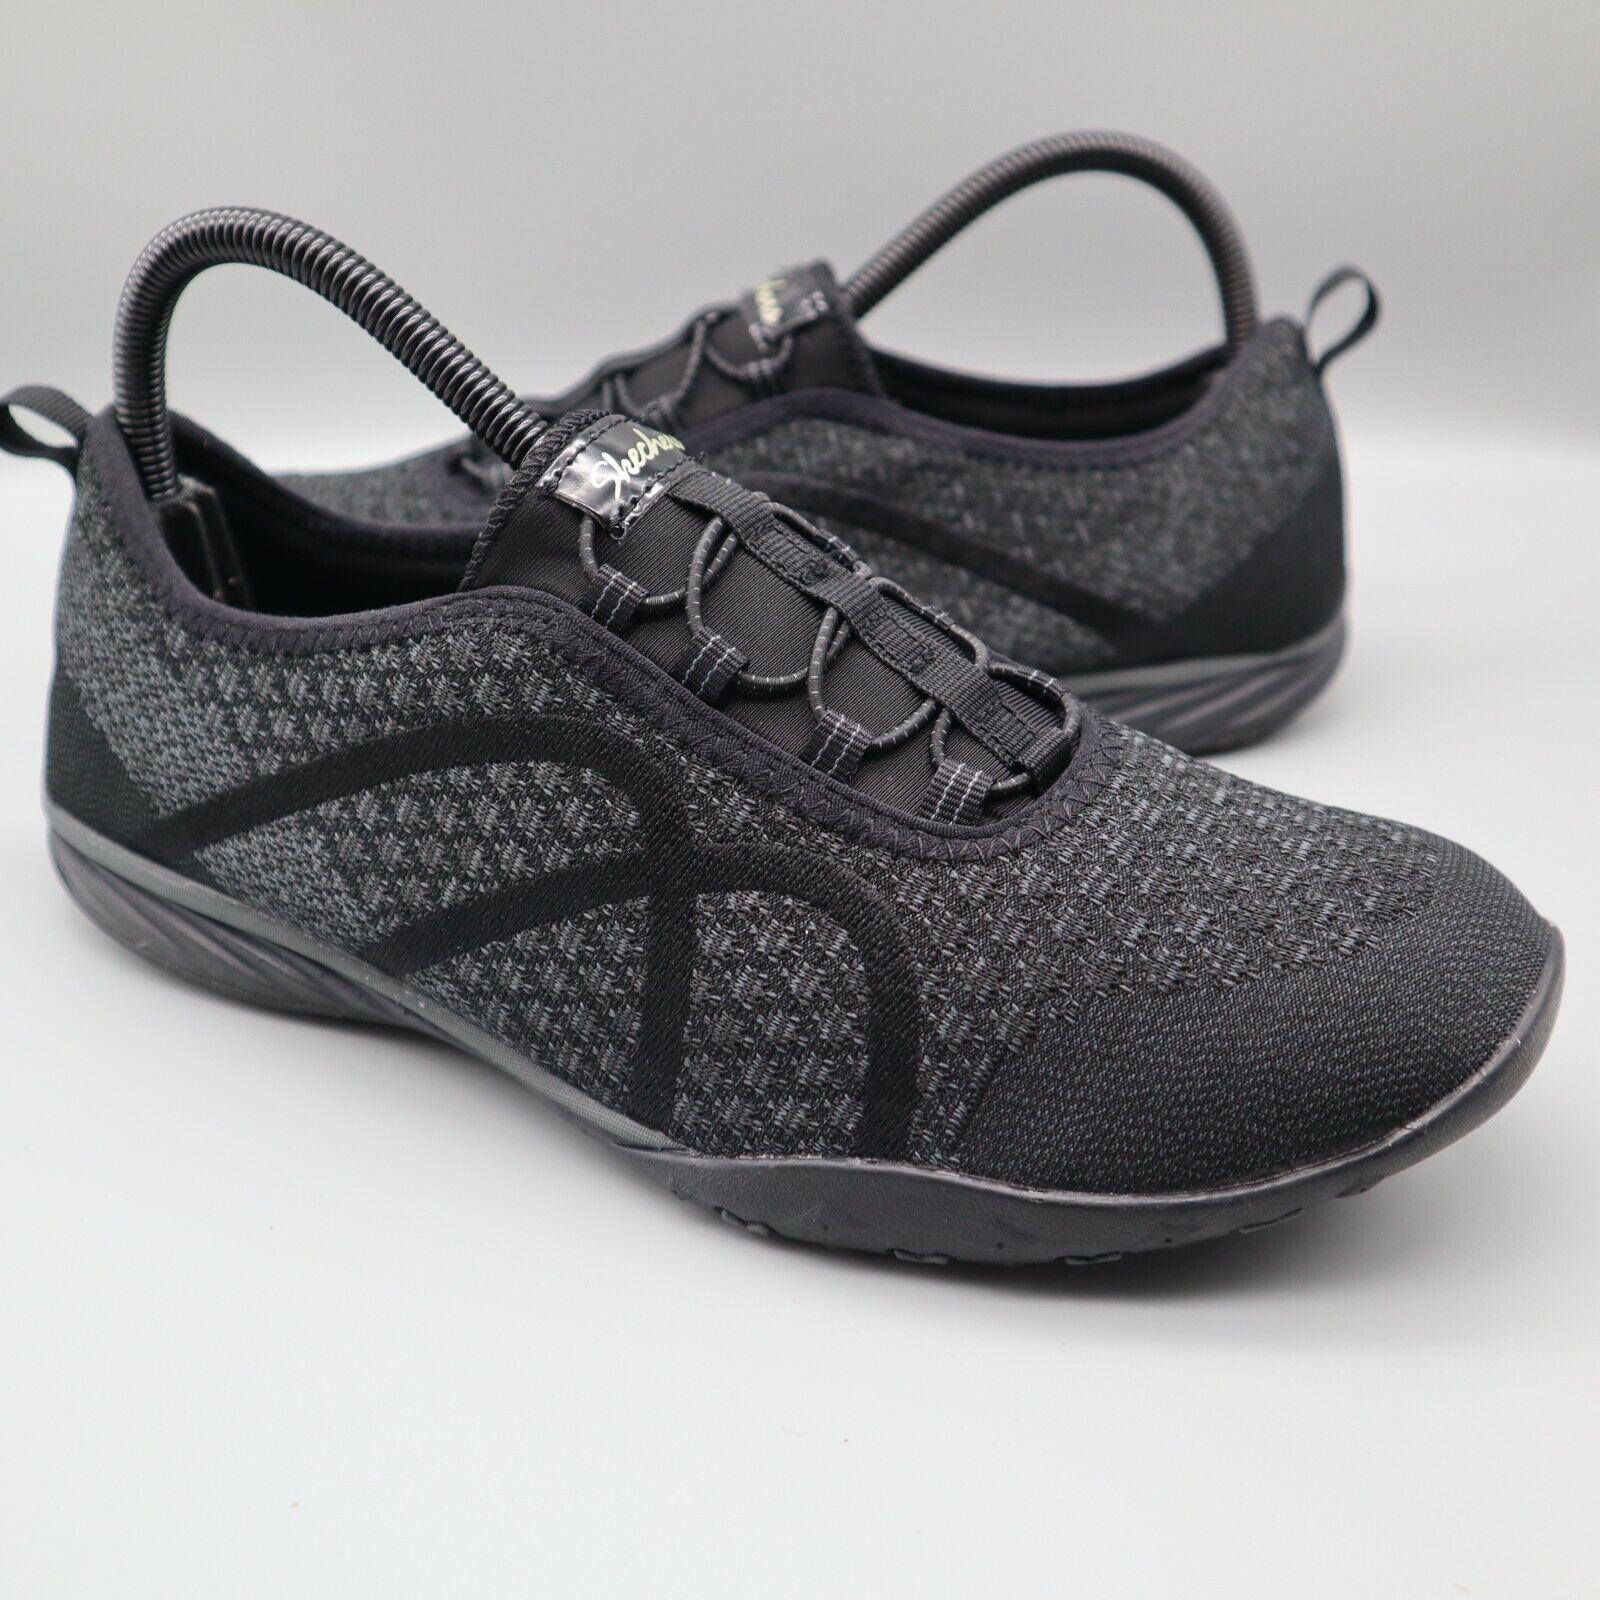 Skechers Shoes Movin' Womens Sz 10 Black Slip On Relaxed Fit Memory Foam Sneaker